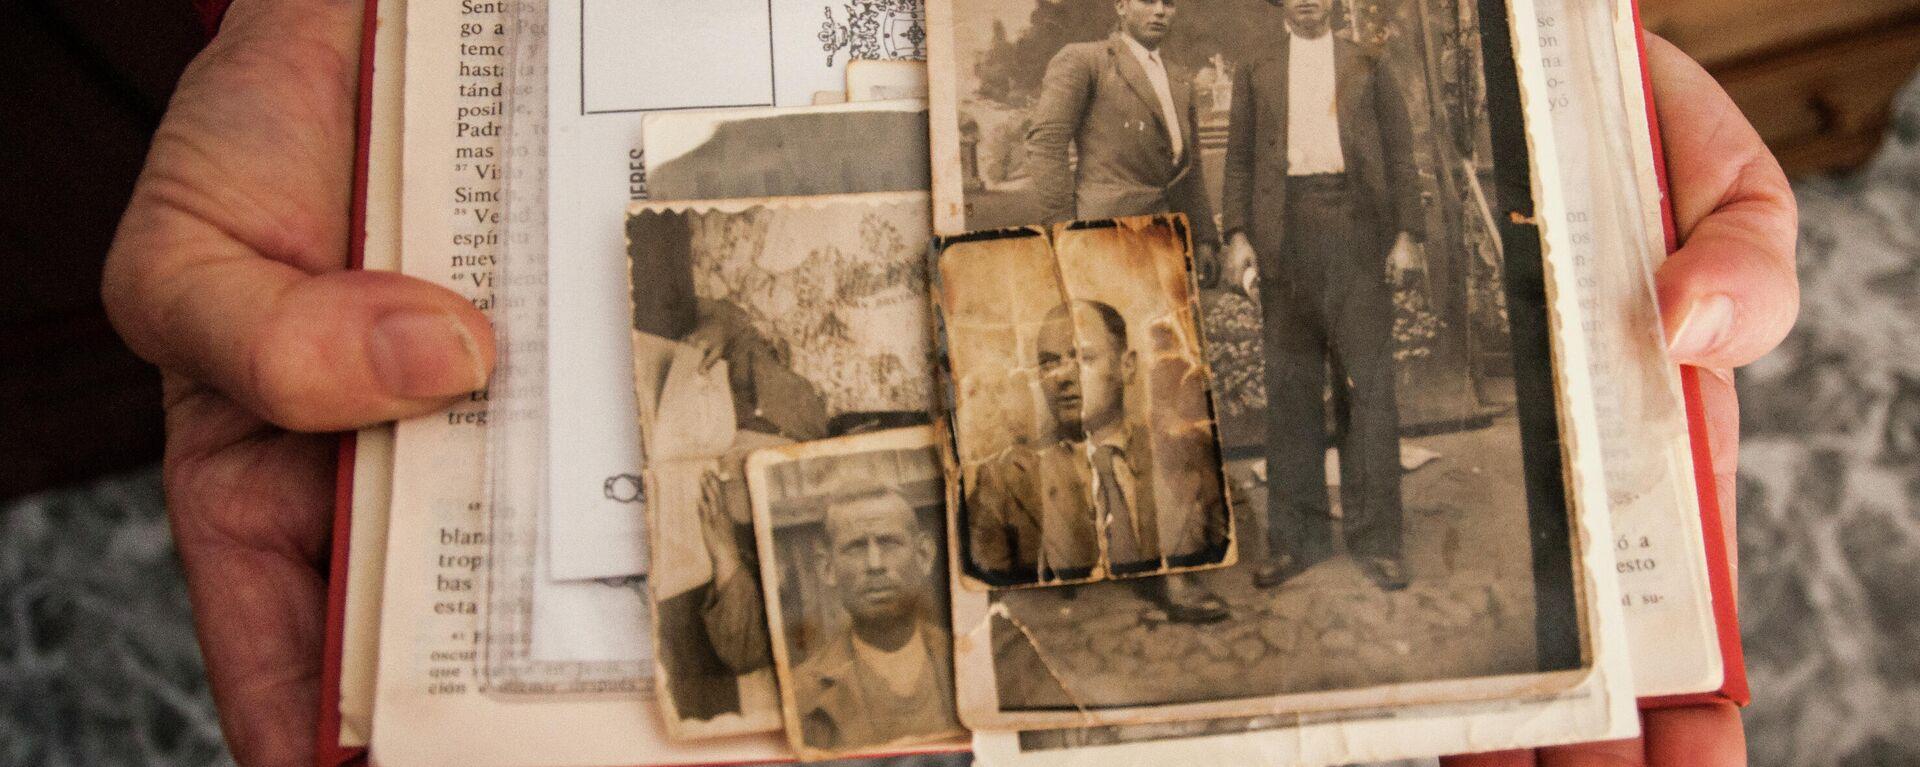 Restos de fotografías y notas de un asesinado en la Guerra Civil o la dictadura - Sputnik Mundo, 1920, 26.05.2021